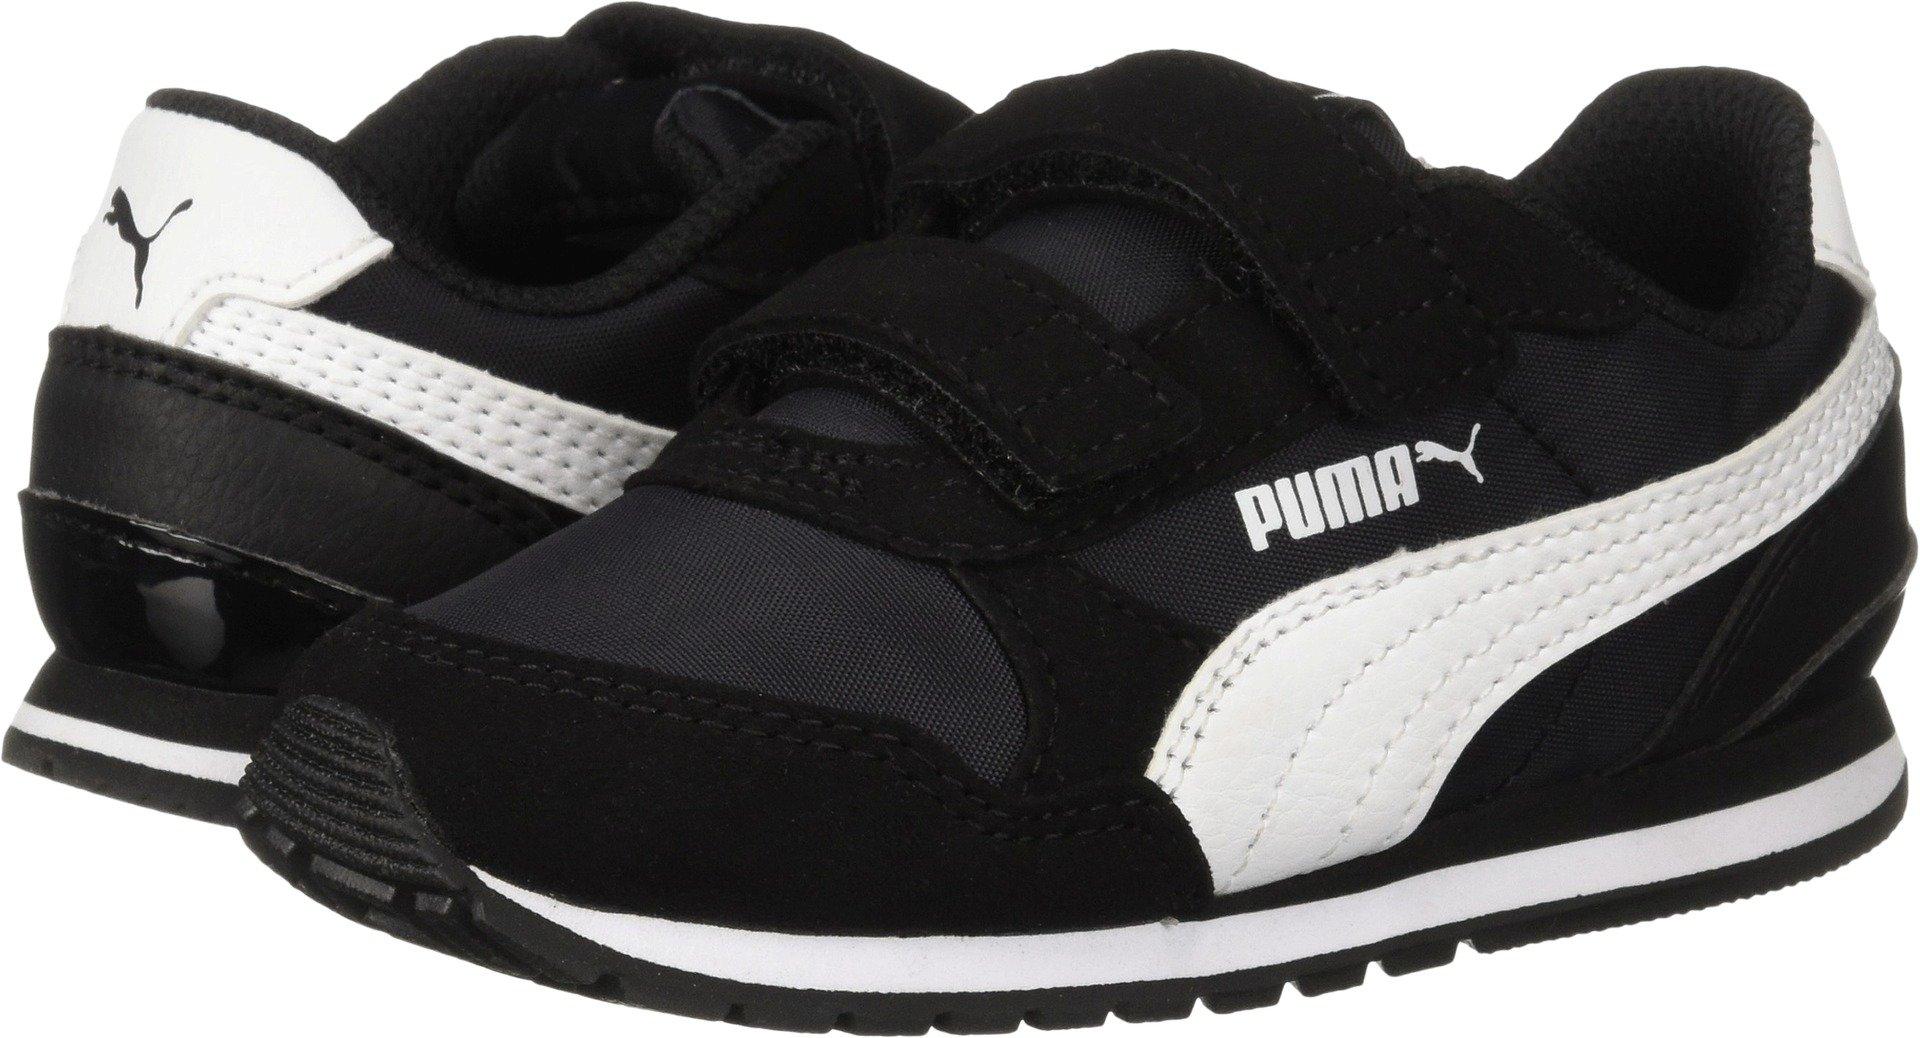 PUMA Baby ST Runner NL Velcro Kids Sneaker Black-White 6 M US Toddler